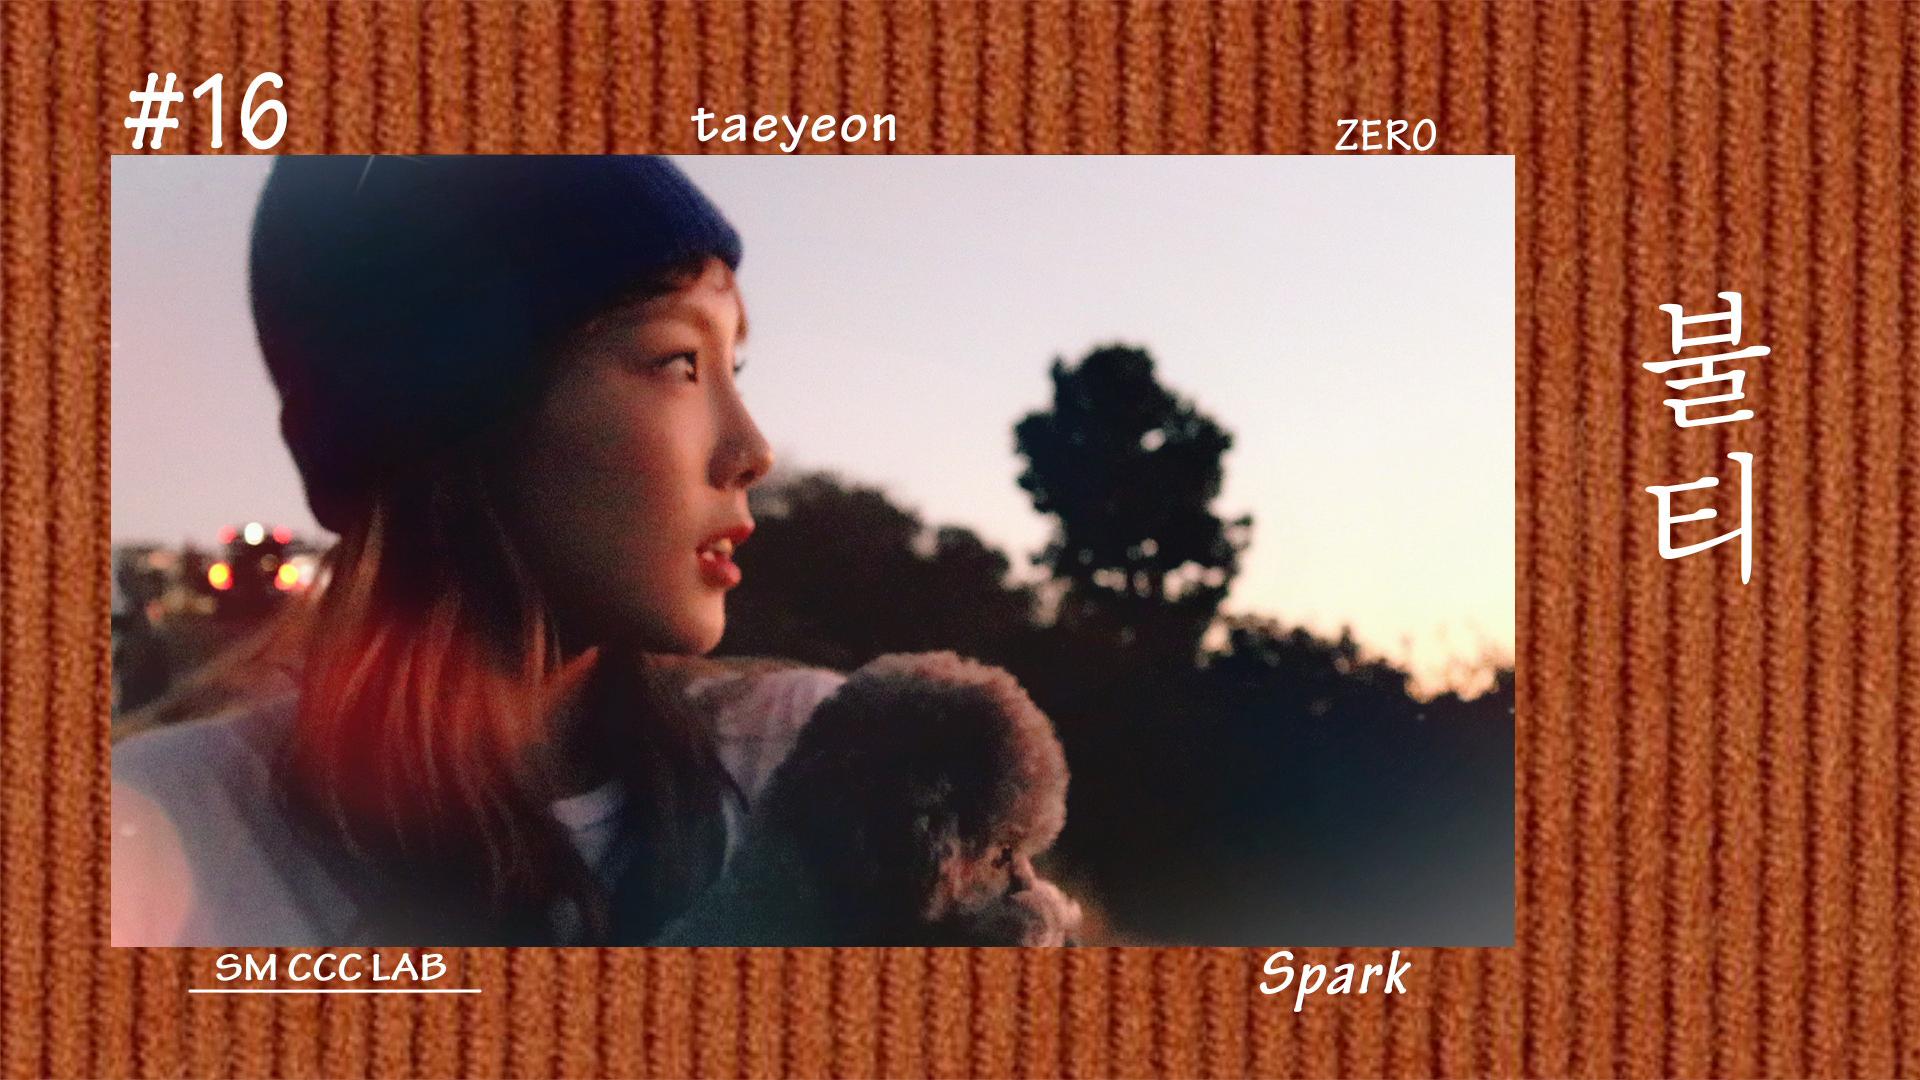 [펫셔니스타 탱구]  EP. 16  불티 (Spark)